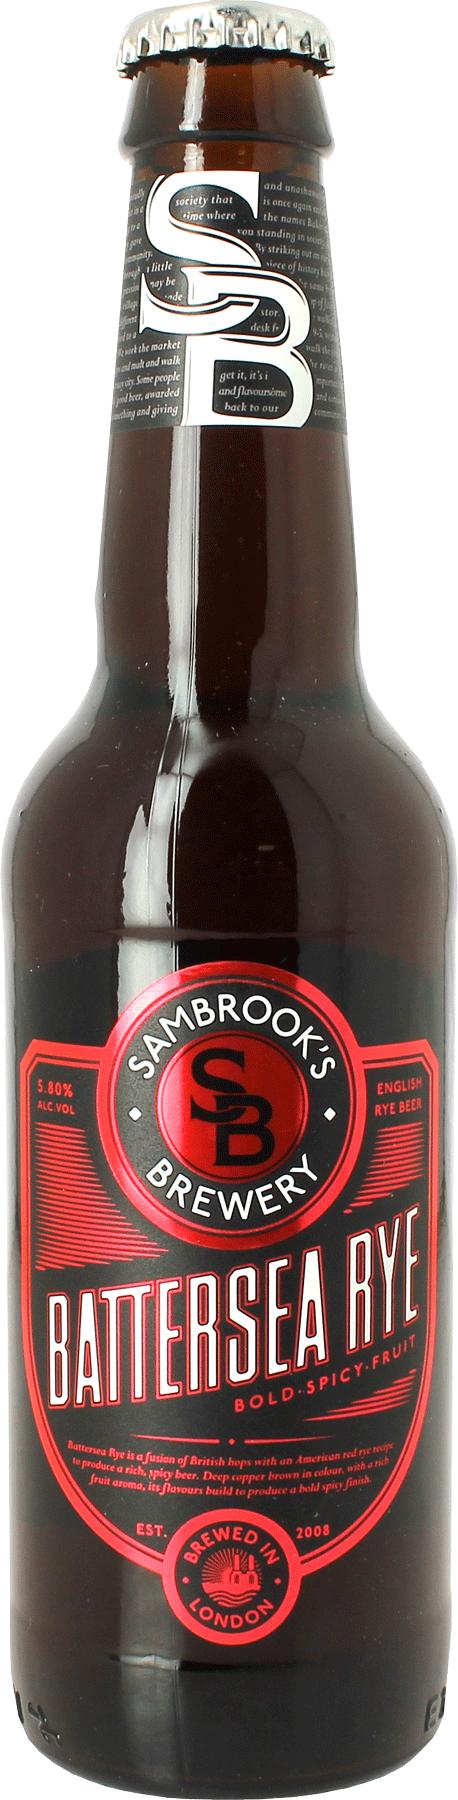 Sambrooks Battersea Rye